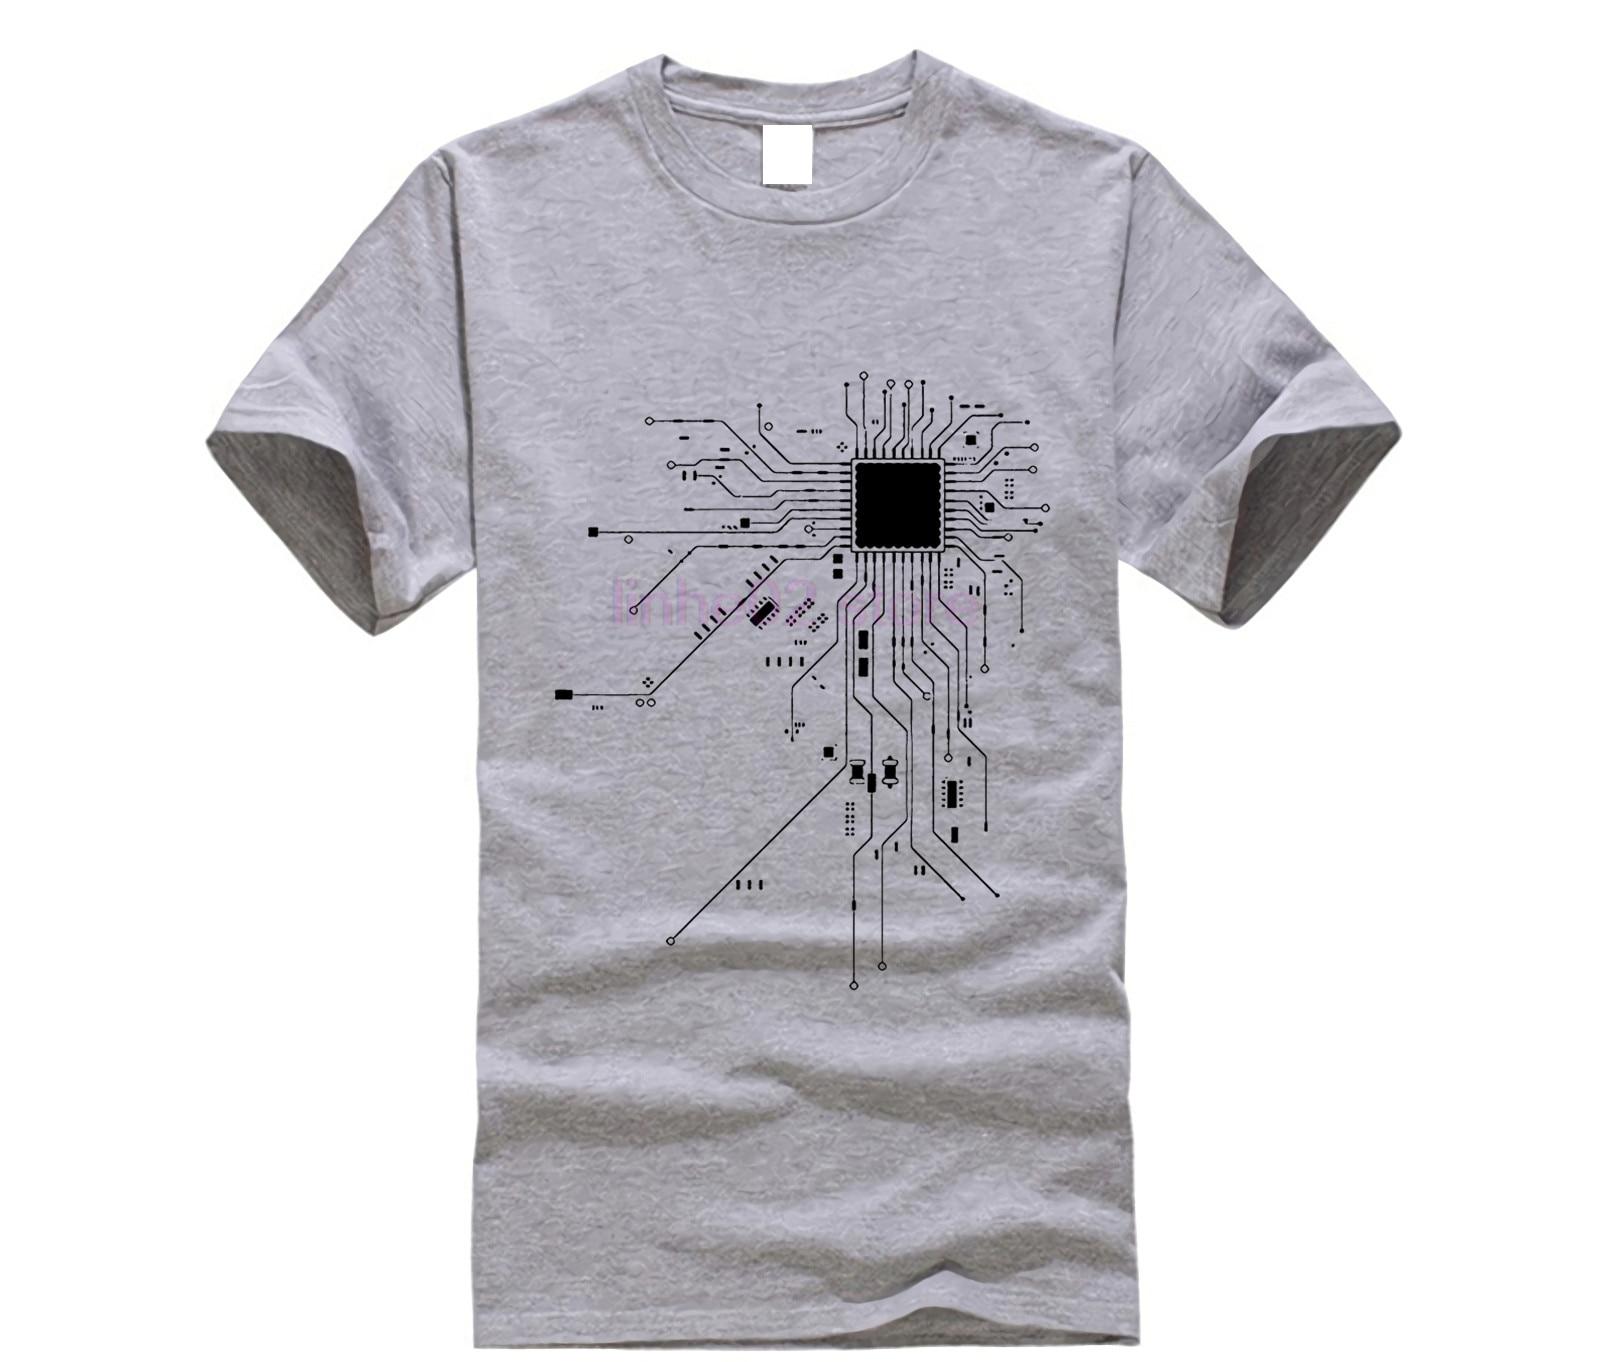 Ordenador Cpu núcleo corazón camiseta de los hombres Geek Nerd Freak Hacker Pc camiseta para jugador de verano de manga corta de algodón camiseta Euro tamaño T309